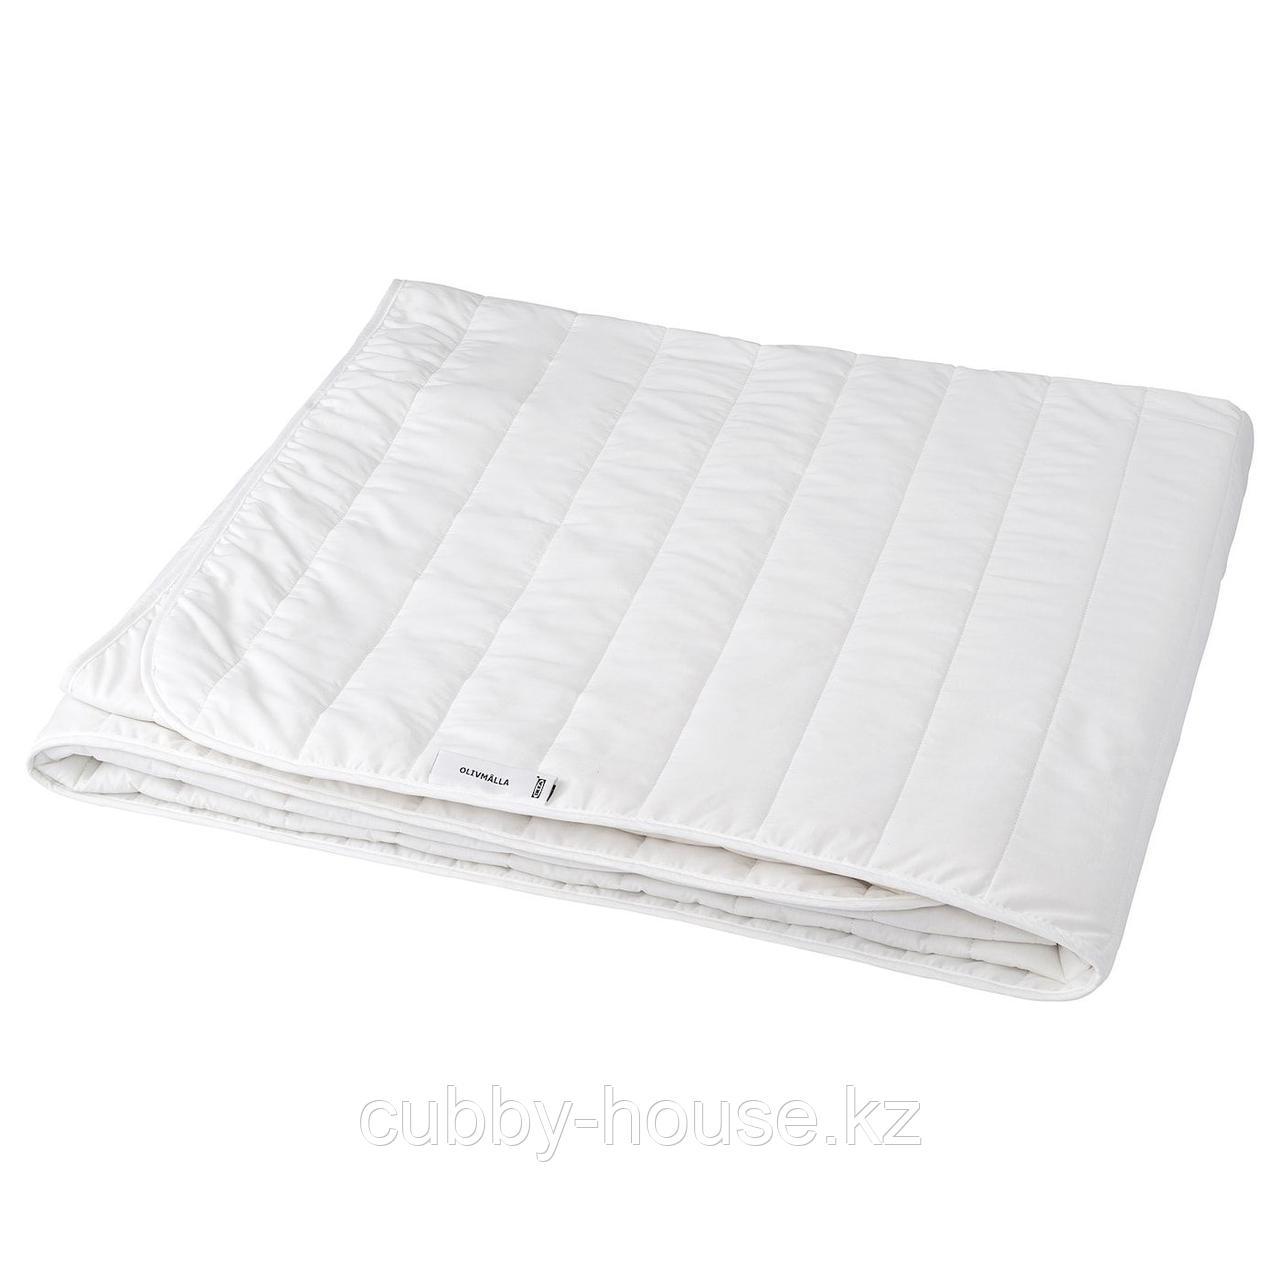 ОЛИВМОЛЛА Одеяло теплое, 200x200 см